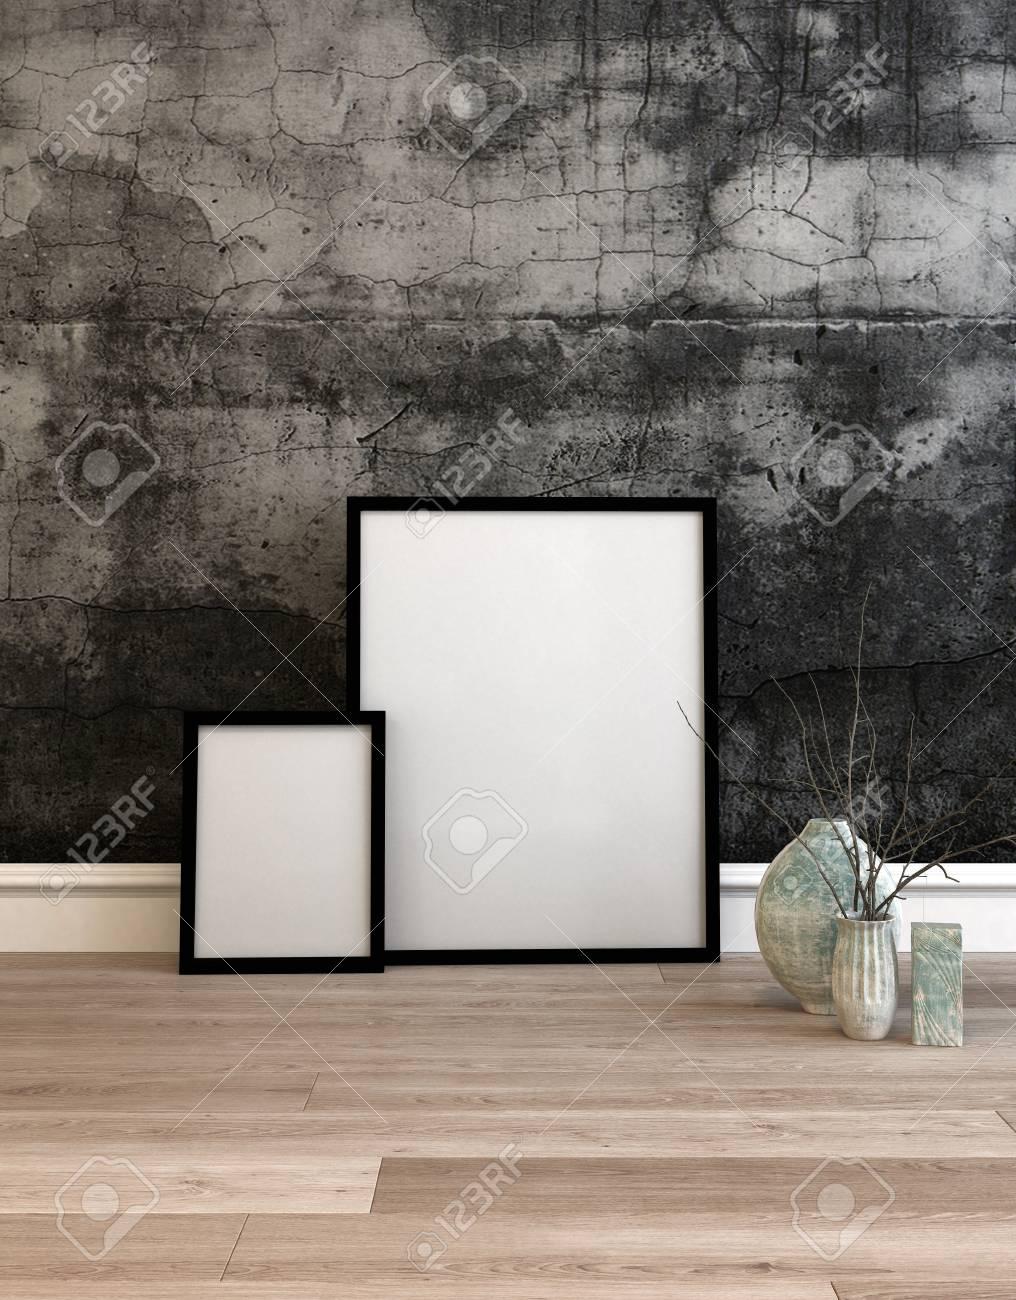 3D Gerendert Einstellung Von Zwei Weißen Rahmen Auf Der Holzboden Vor  Betonwand Ruht Neben Topfpflanzen.